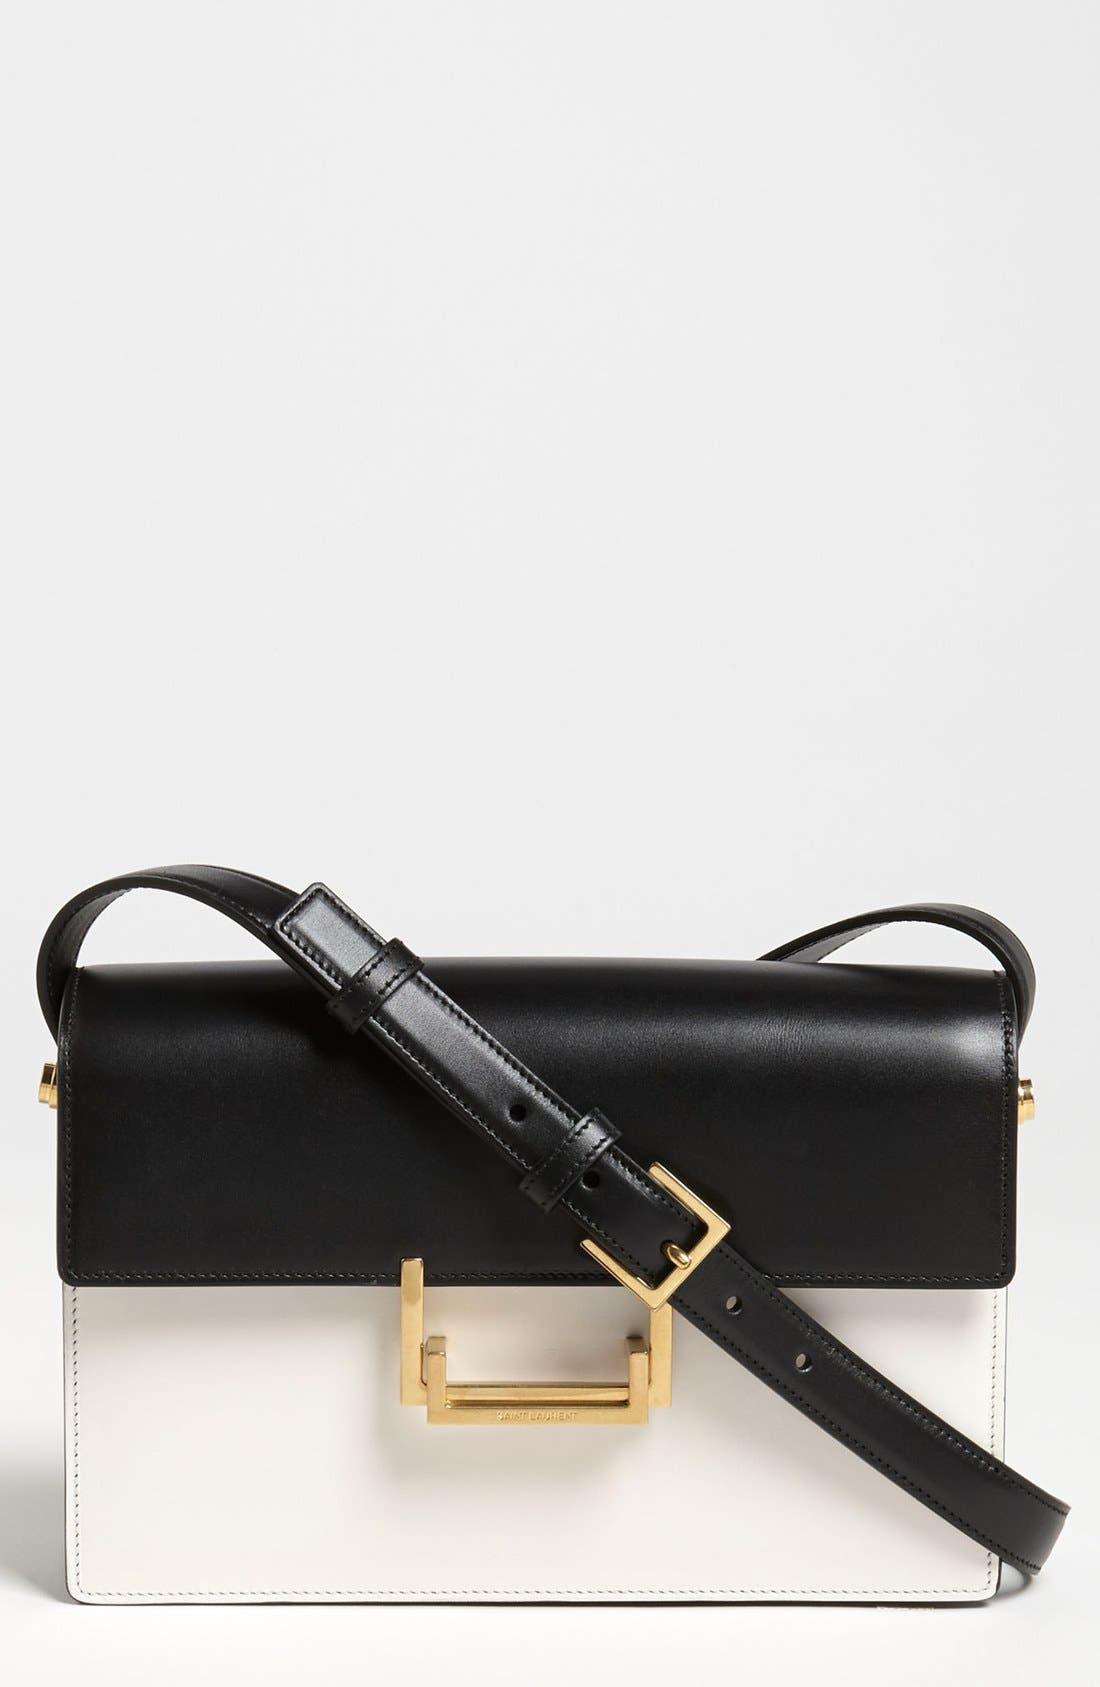 Main Image - Saint Laurent 'Lulu Classique' Leather Shoulder Bag